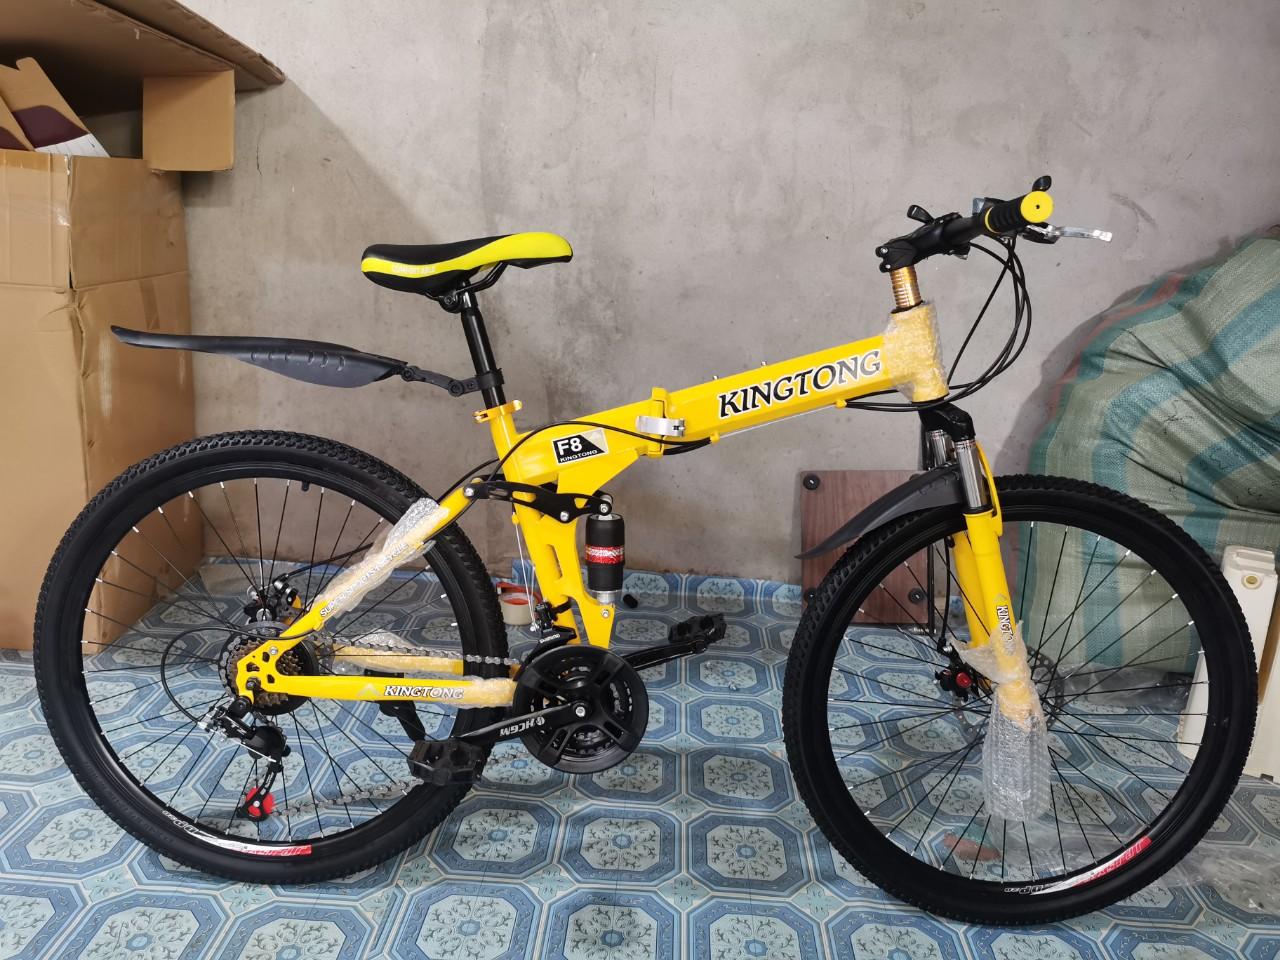 Mua Xe đạp gấp thể thao địa hình HaHoo - Bánh căm (màu vàng, đen, cam)